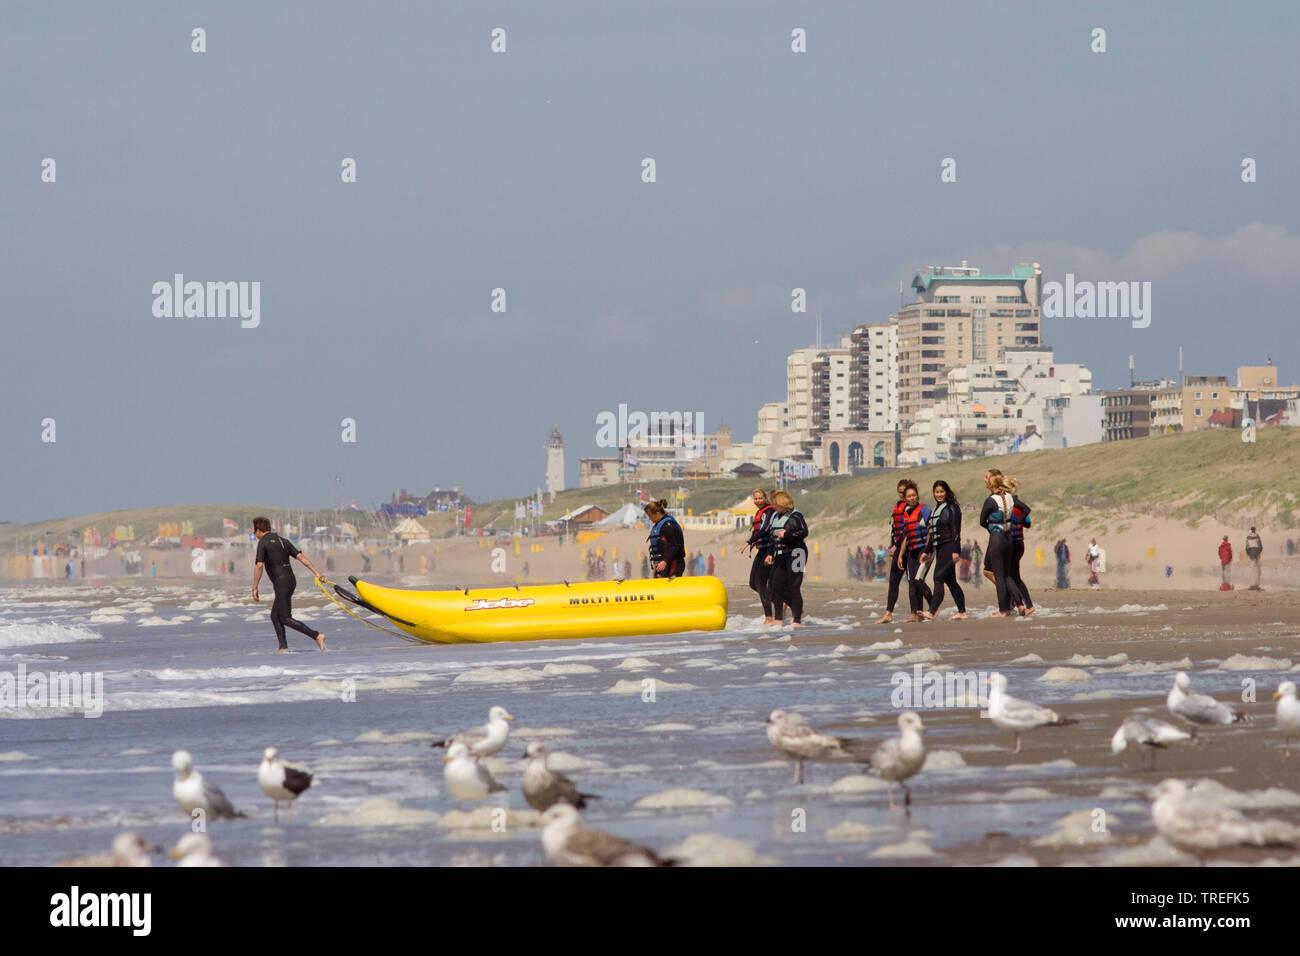 Strand von Katwijk, Niederlande, Katwijk | beach in Katwijk, Netherlands, Katwijk | BLWS525414.jpg [ (c) blickwinkel/AGAMI/A. Meijer Tel. +49 (0)2302- - Stock Image